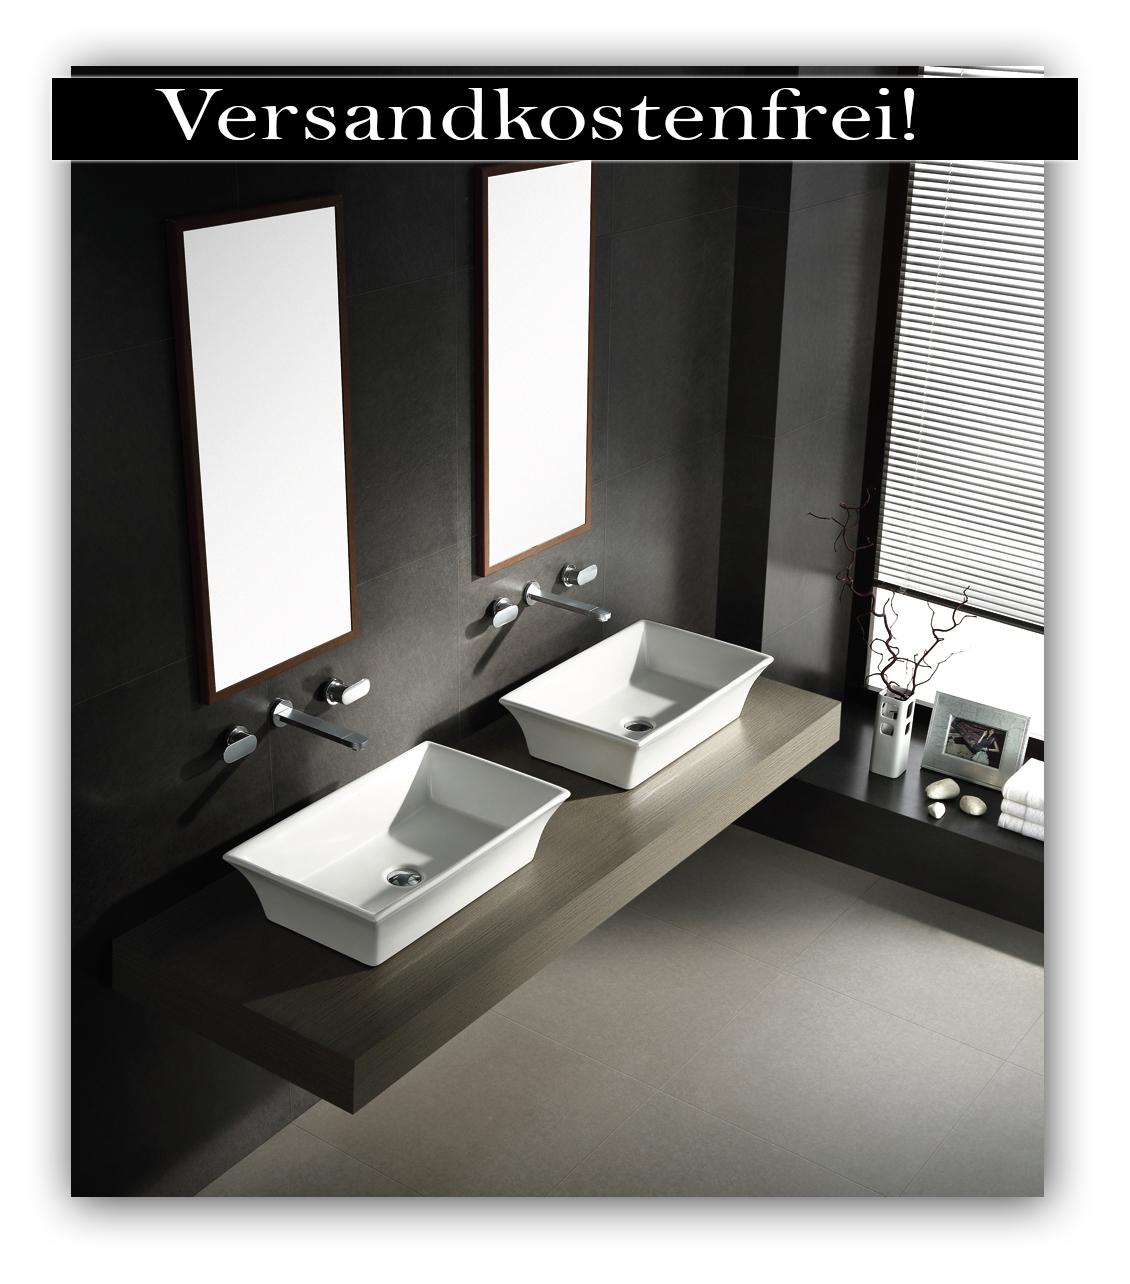 fr zwei waschbecken zwei waschbecken fr badezimmer in gttingen with fr zwei waschbecken top. Black Bedroom Furniture Sets. Home Design Ideas